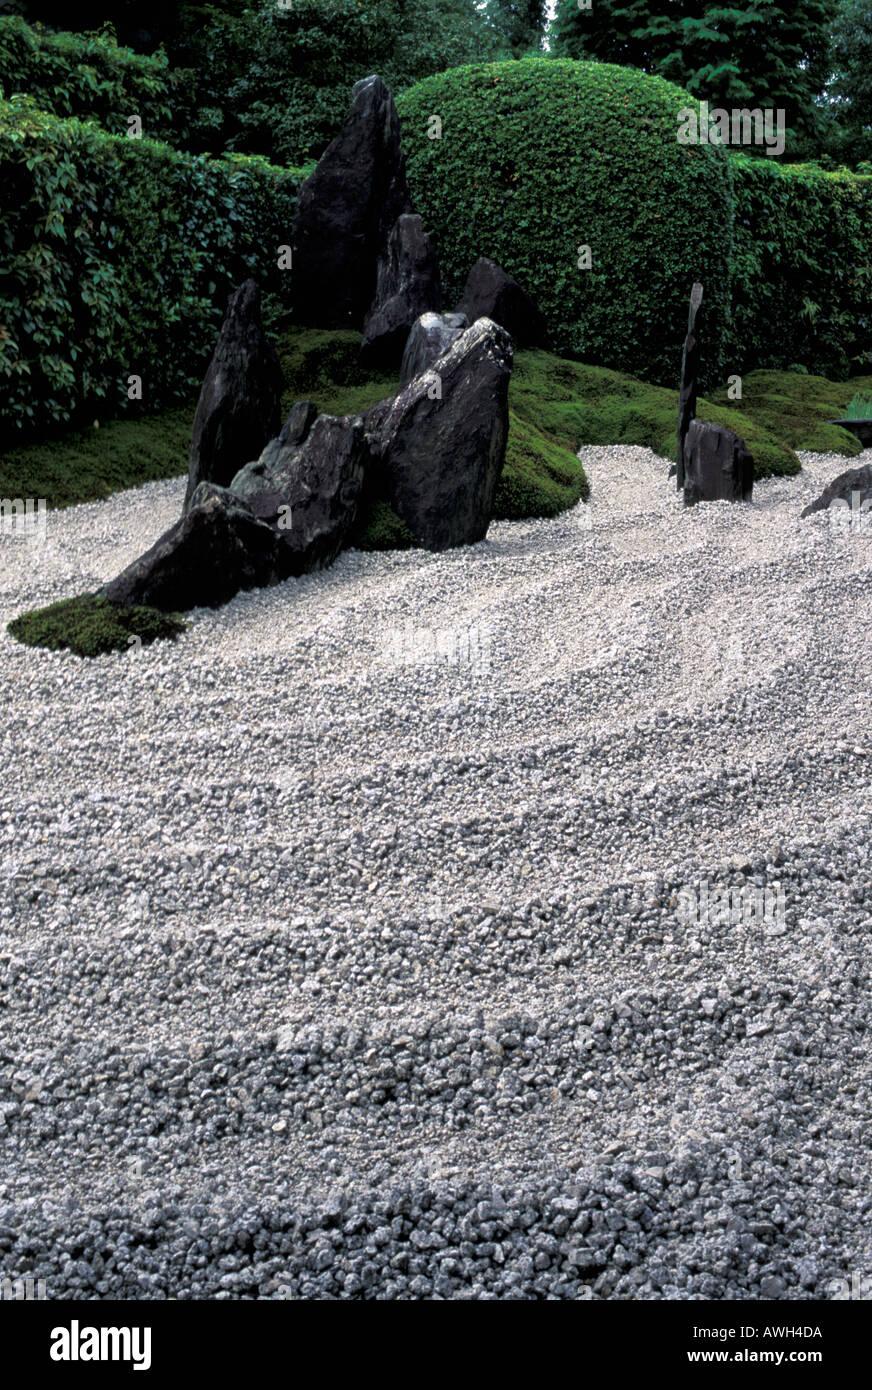 Detail of Zen garden in the Zuiho in Temple Kyoto Japan - Stock Image